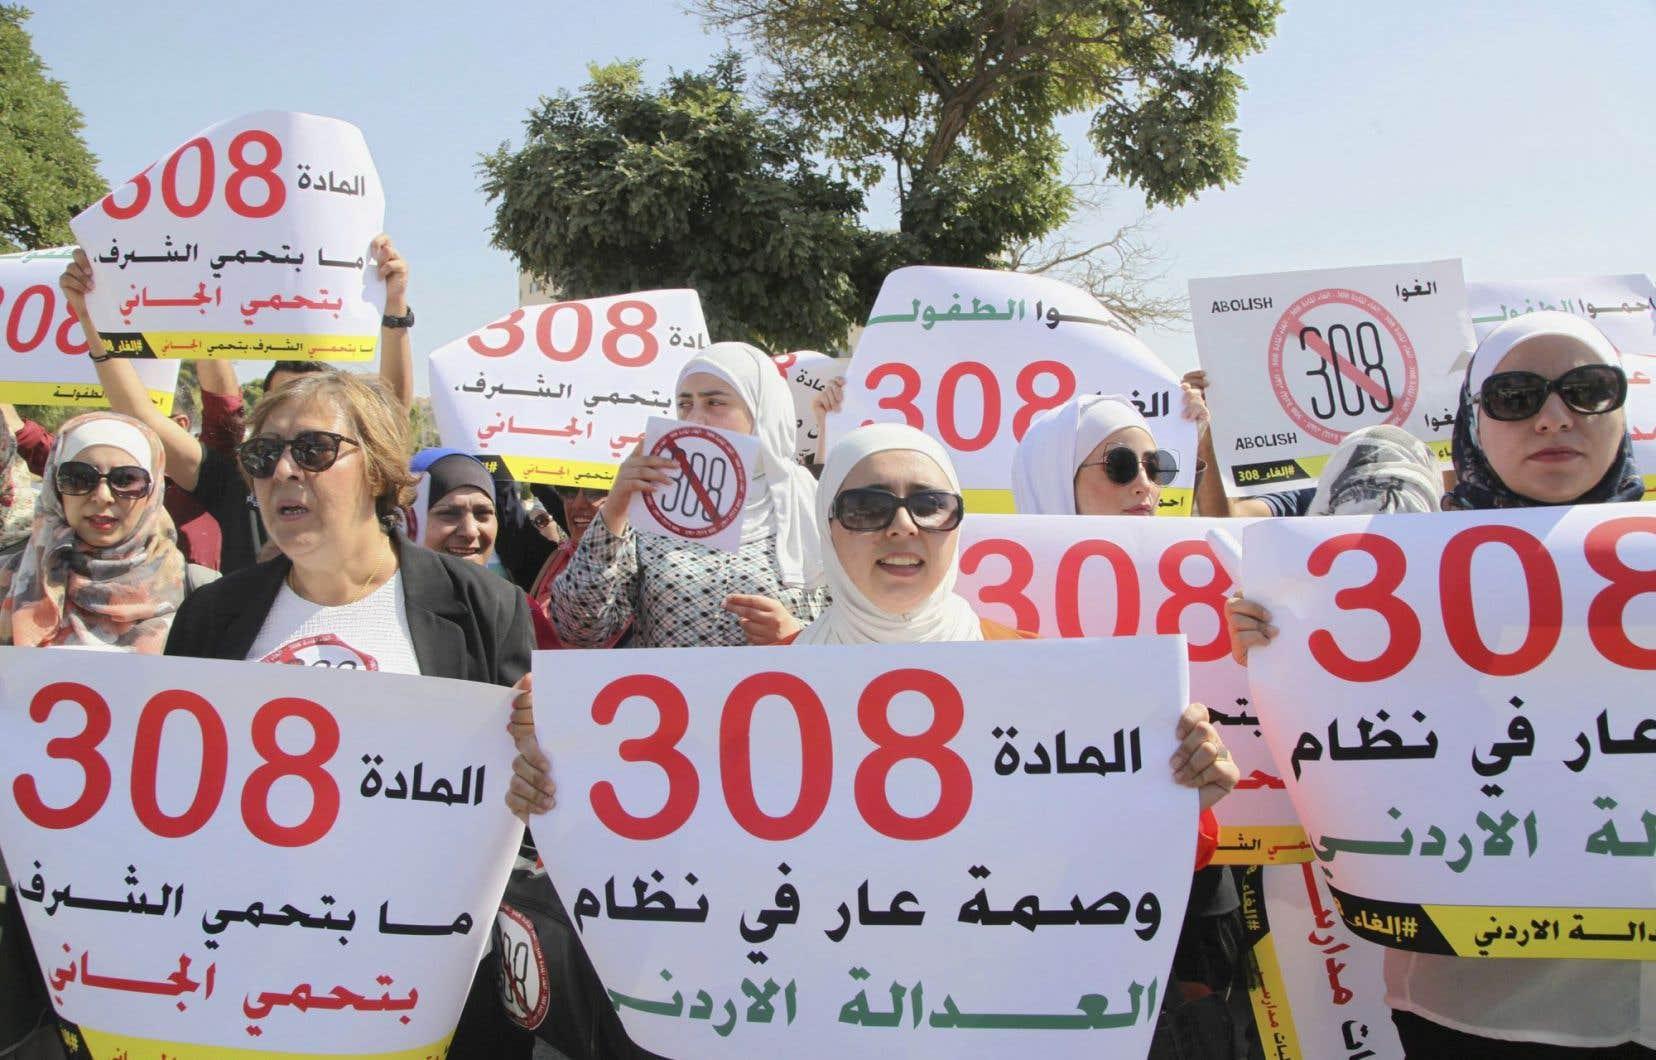 Des activistes manifestent devant le parlement d'Amman pour faire annuler l'article 308, qui permet à un violeur d'échapper à sa condamnation.